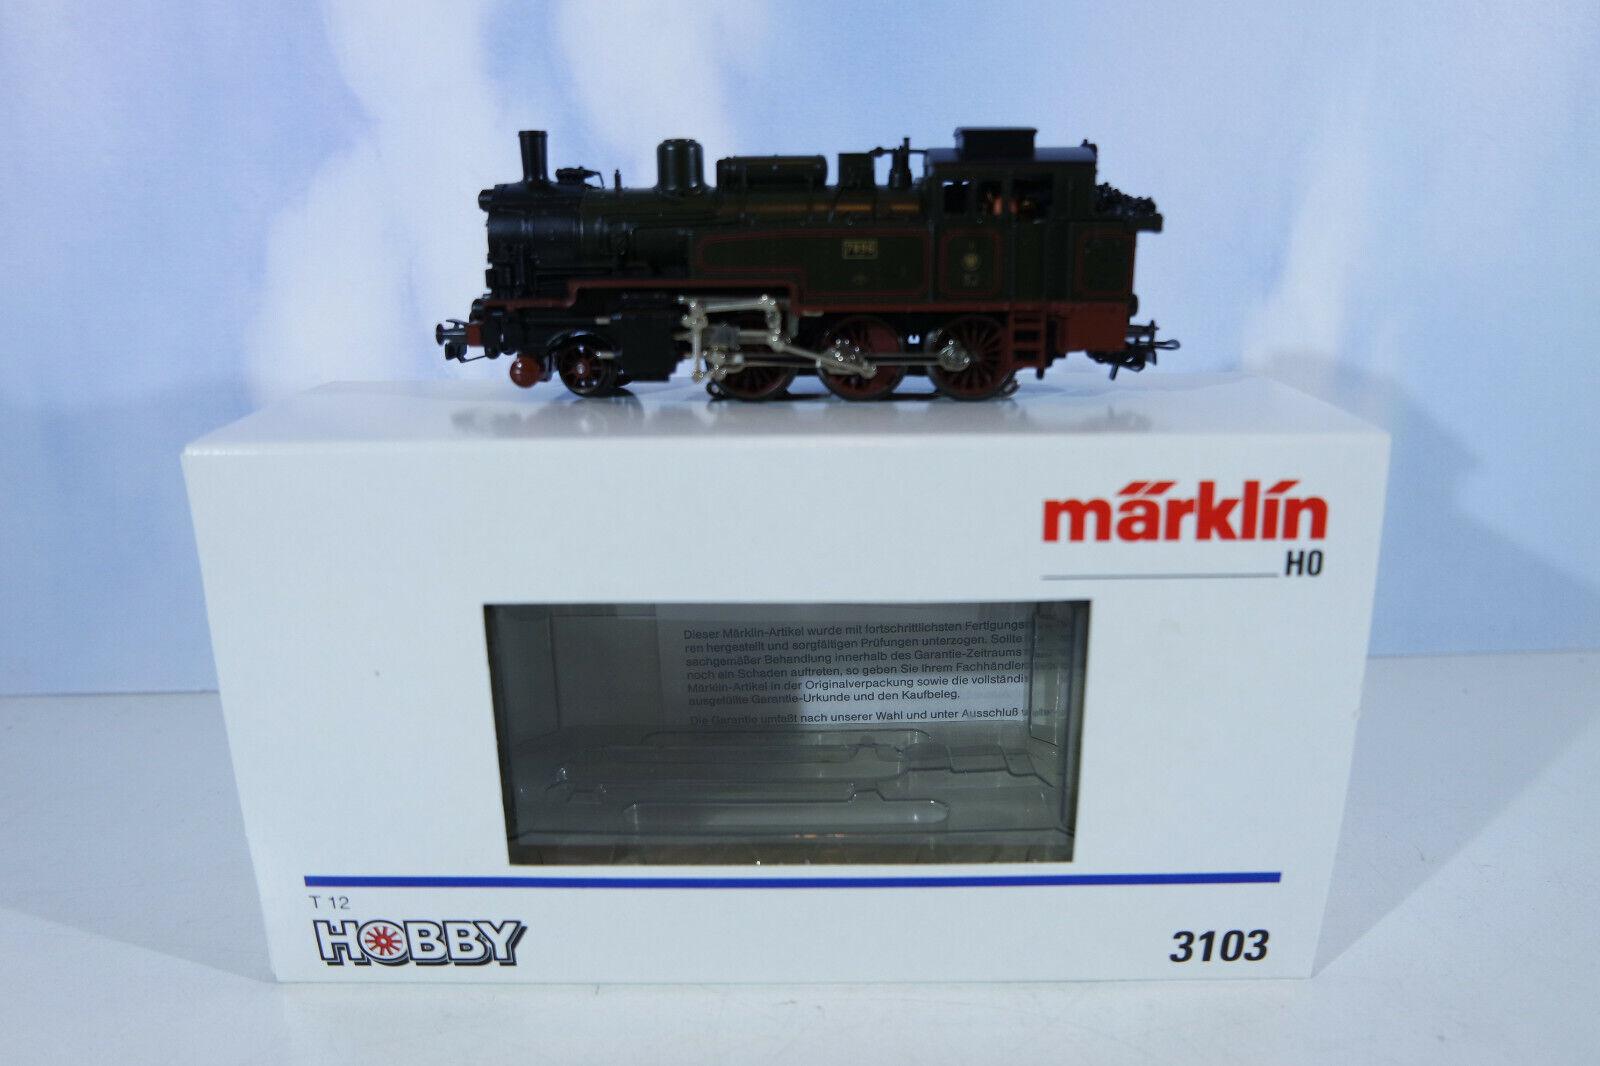 Märklin 3103 locomotiva digitale con originali Märklin decoder, staccato, OVP